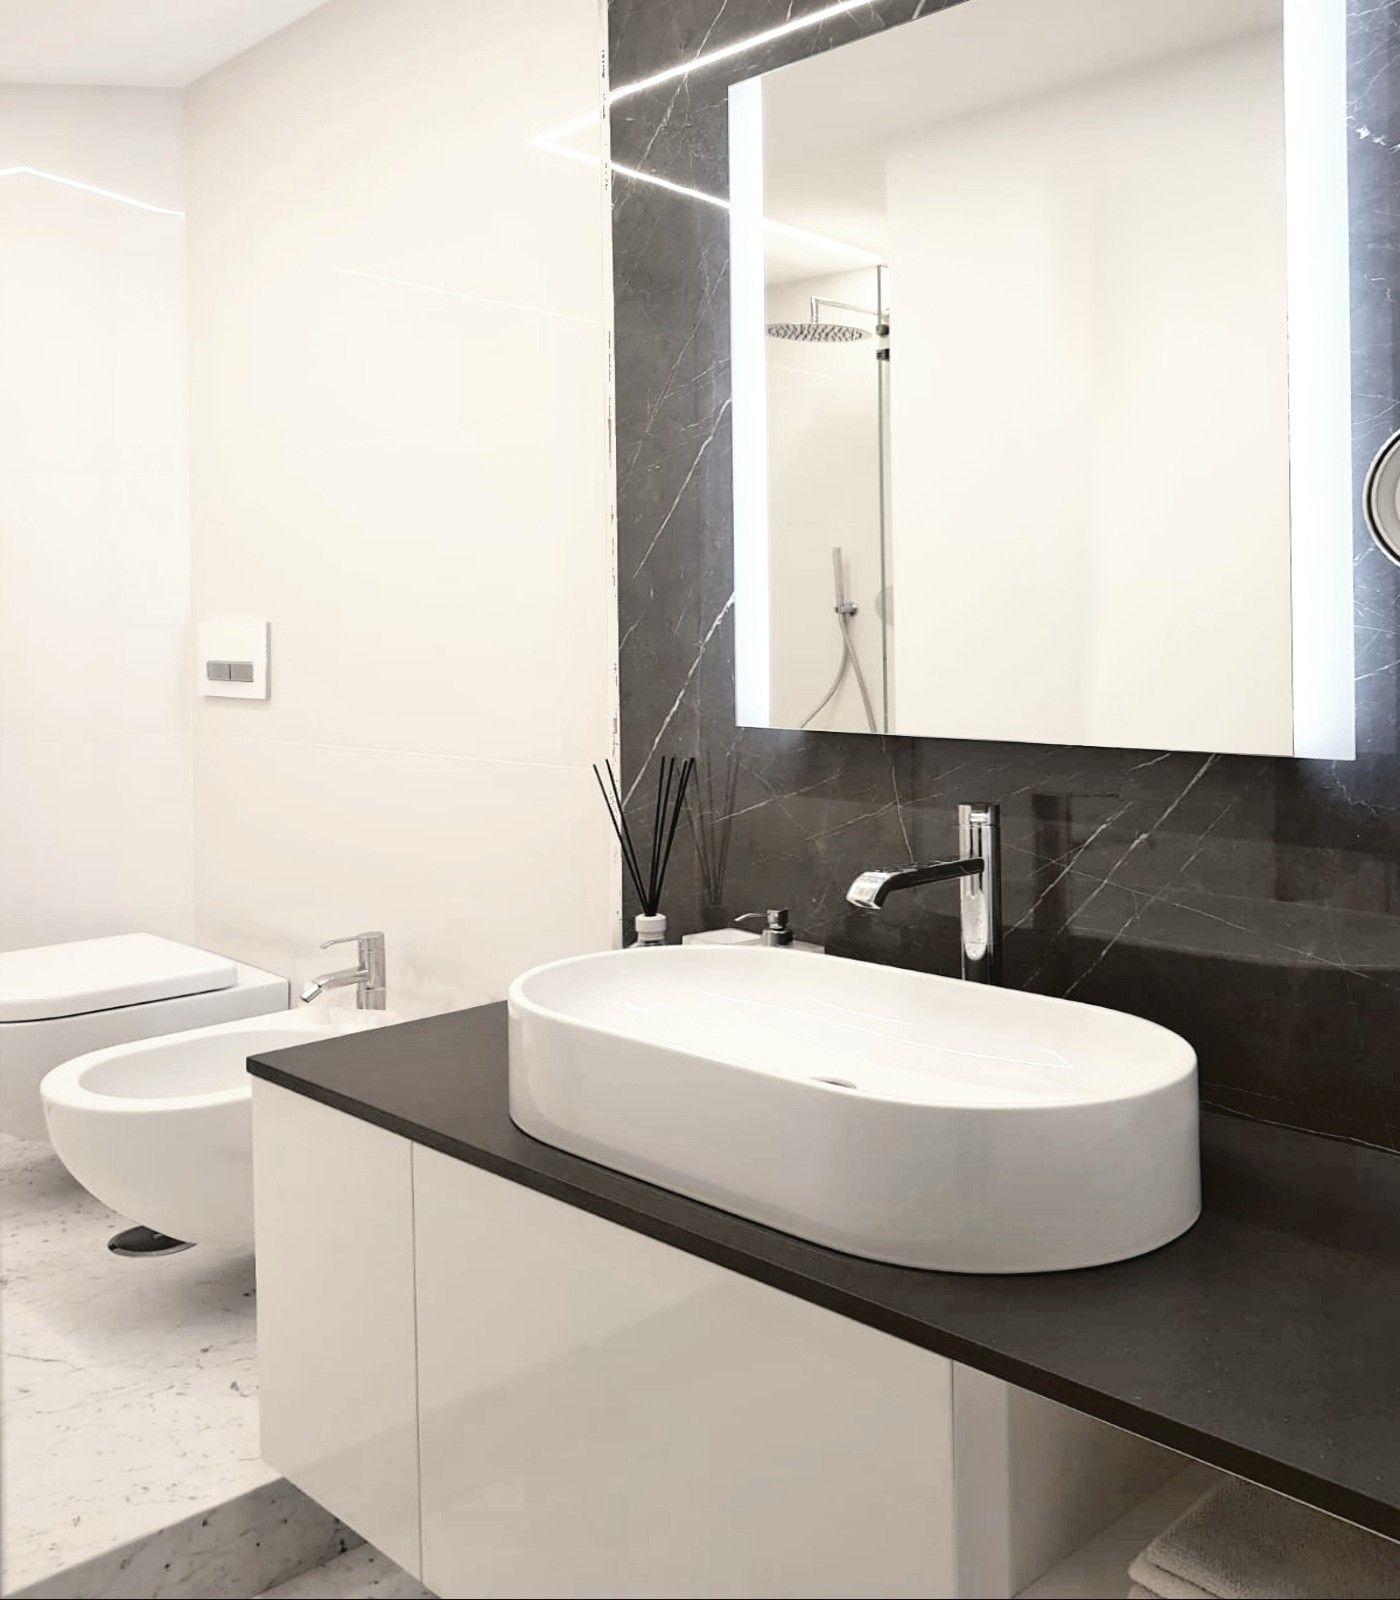 Mobile Sotto Mensola Bagno in questo bagno abbiamo realizzato un mobile sotto lavabo su